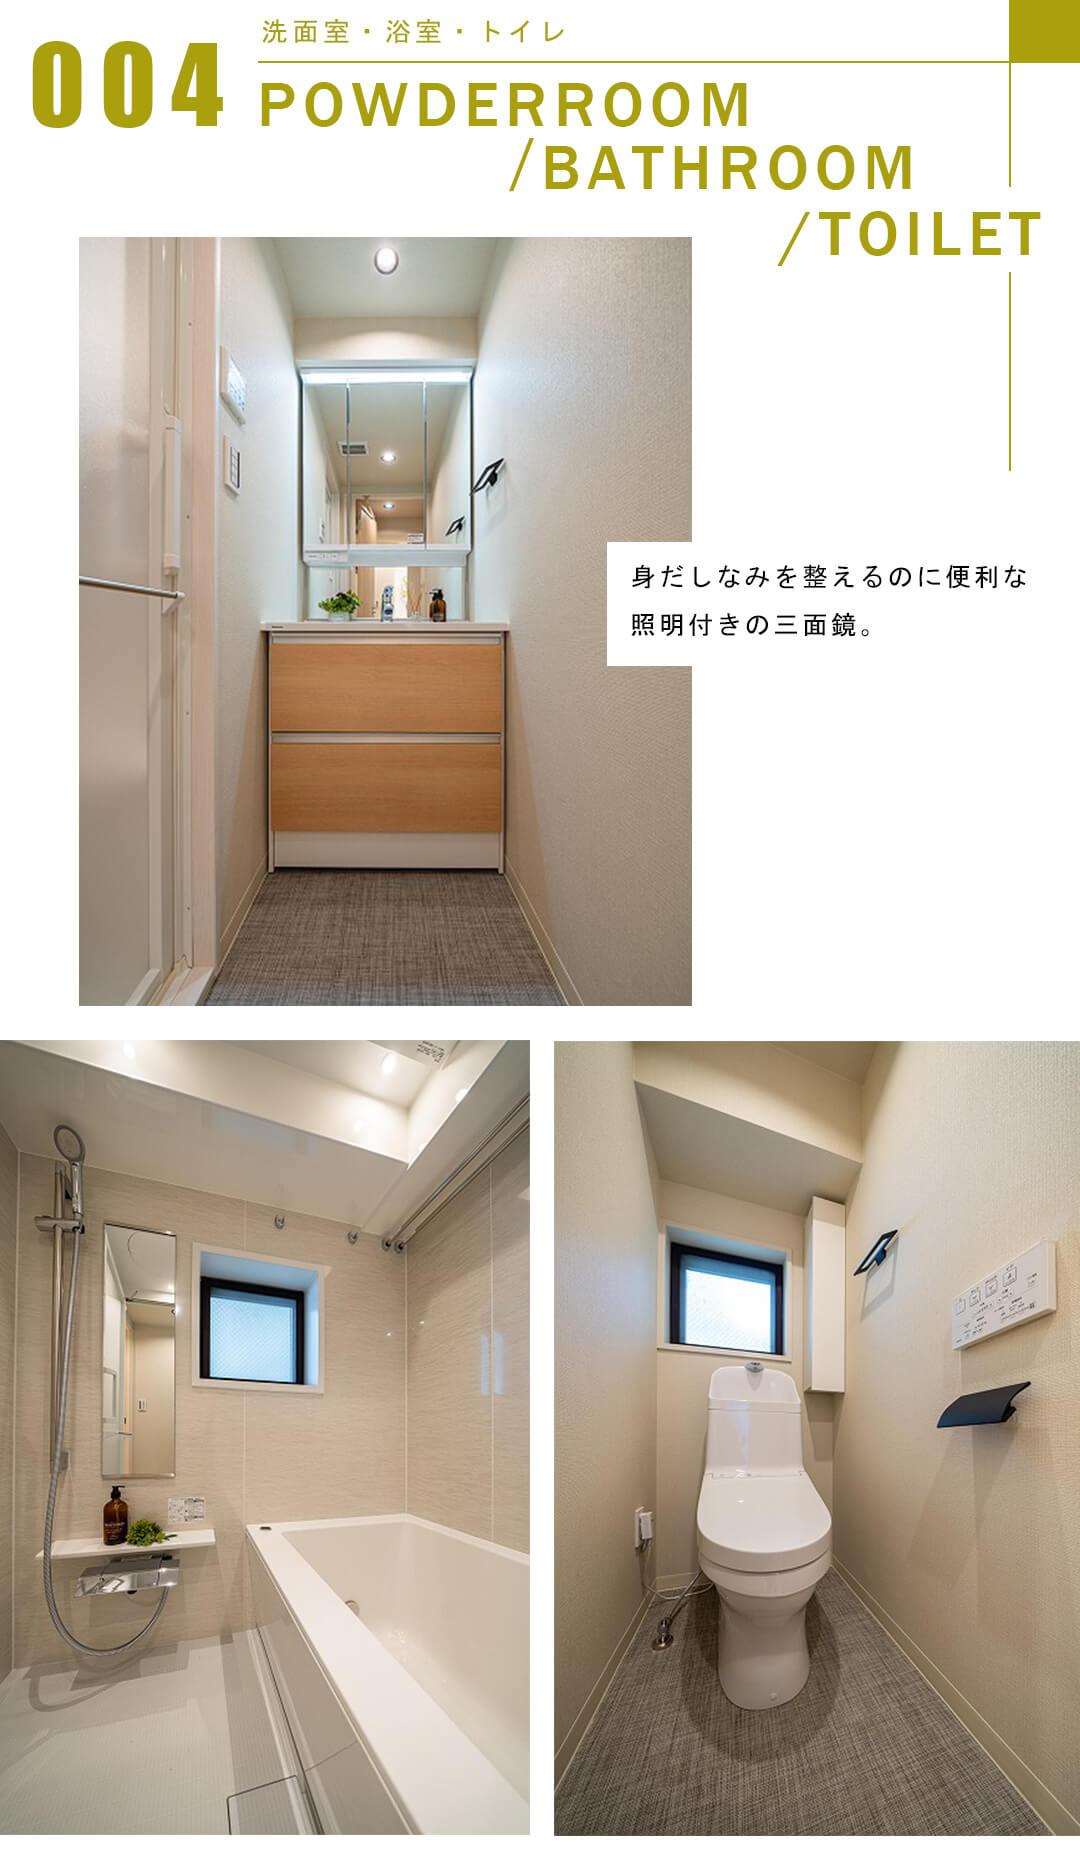 ジェイパーク不動前の洗面室と浴室とトイレ